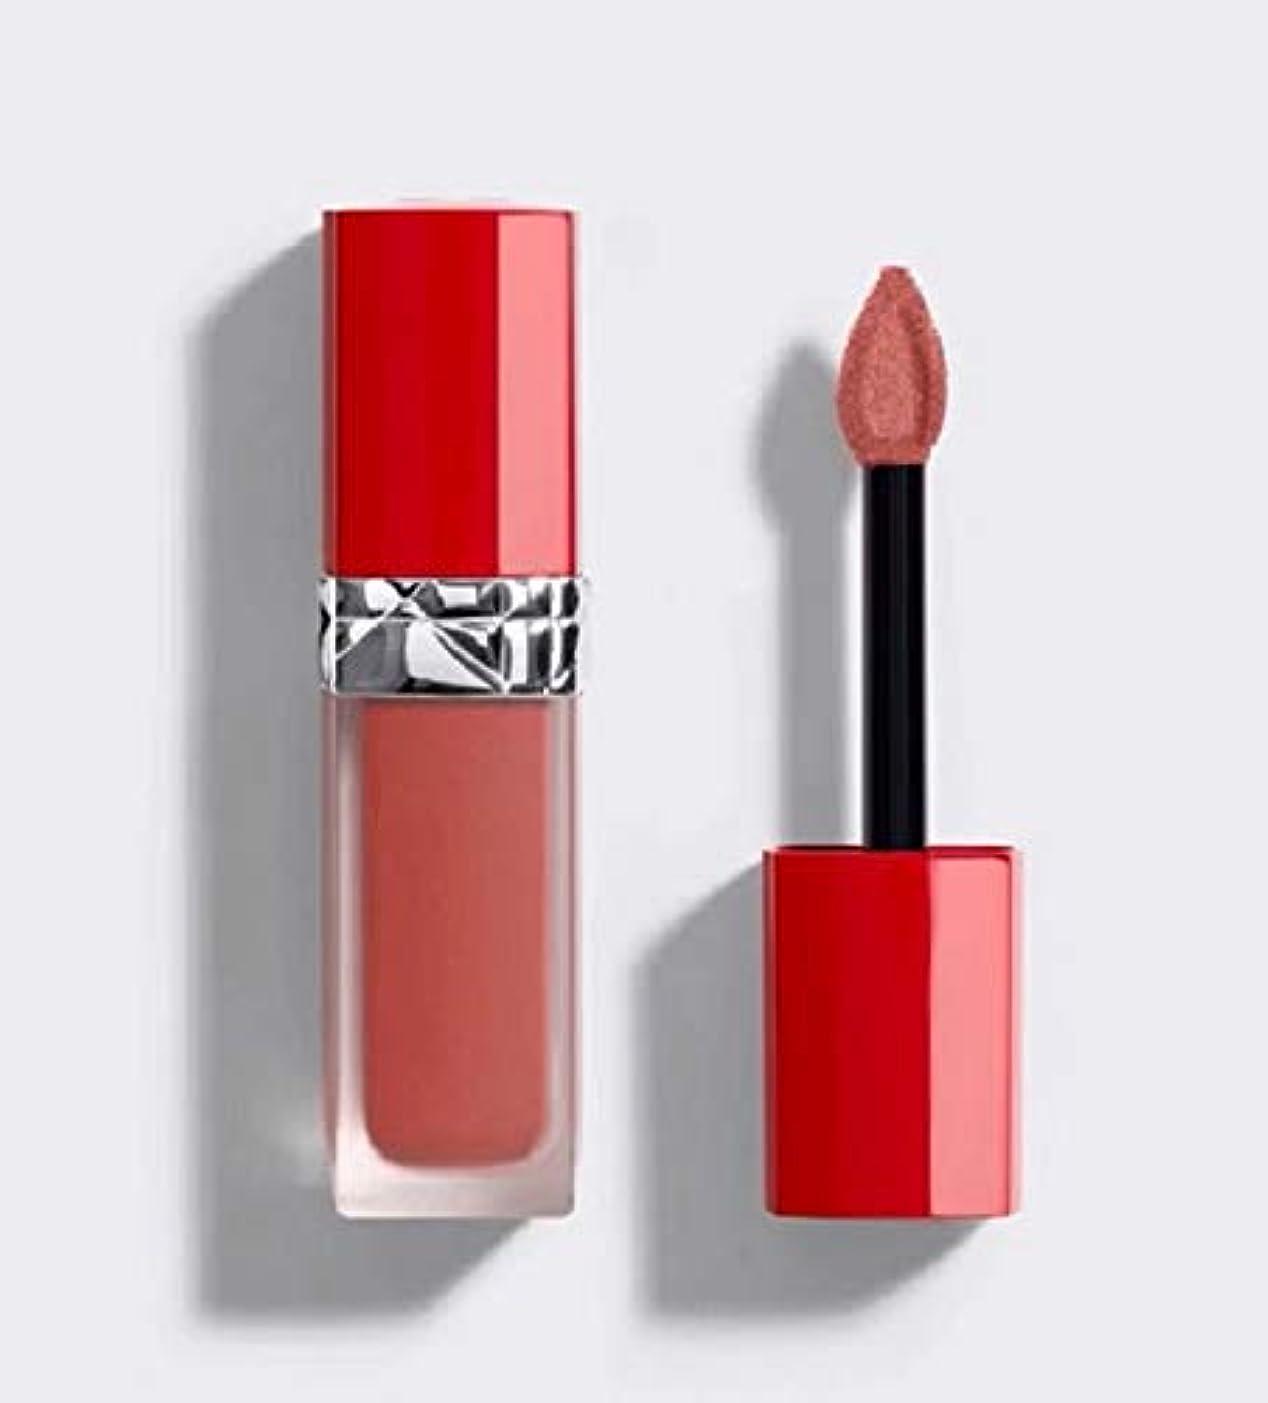 悩む葉機械的ディオール ルージュ ディオール ウルトラ リキッド 選べる全15色展開 -Dior- 808